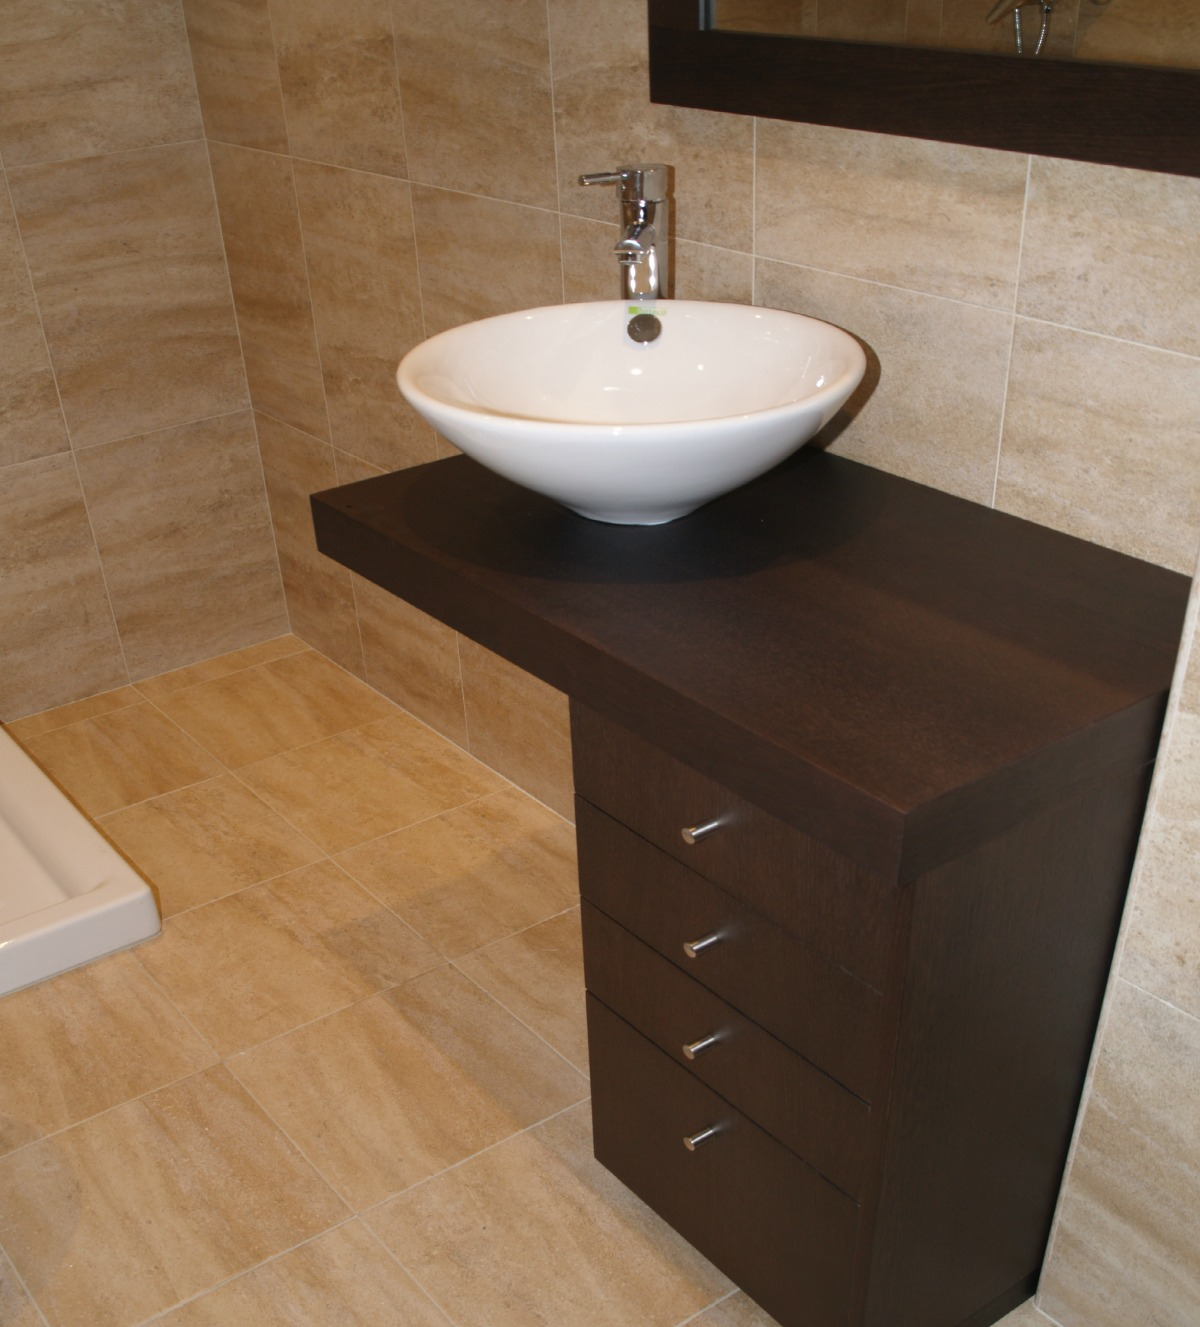 mueble de baño a medida en madera wengue